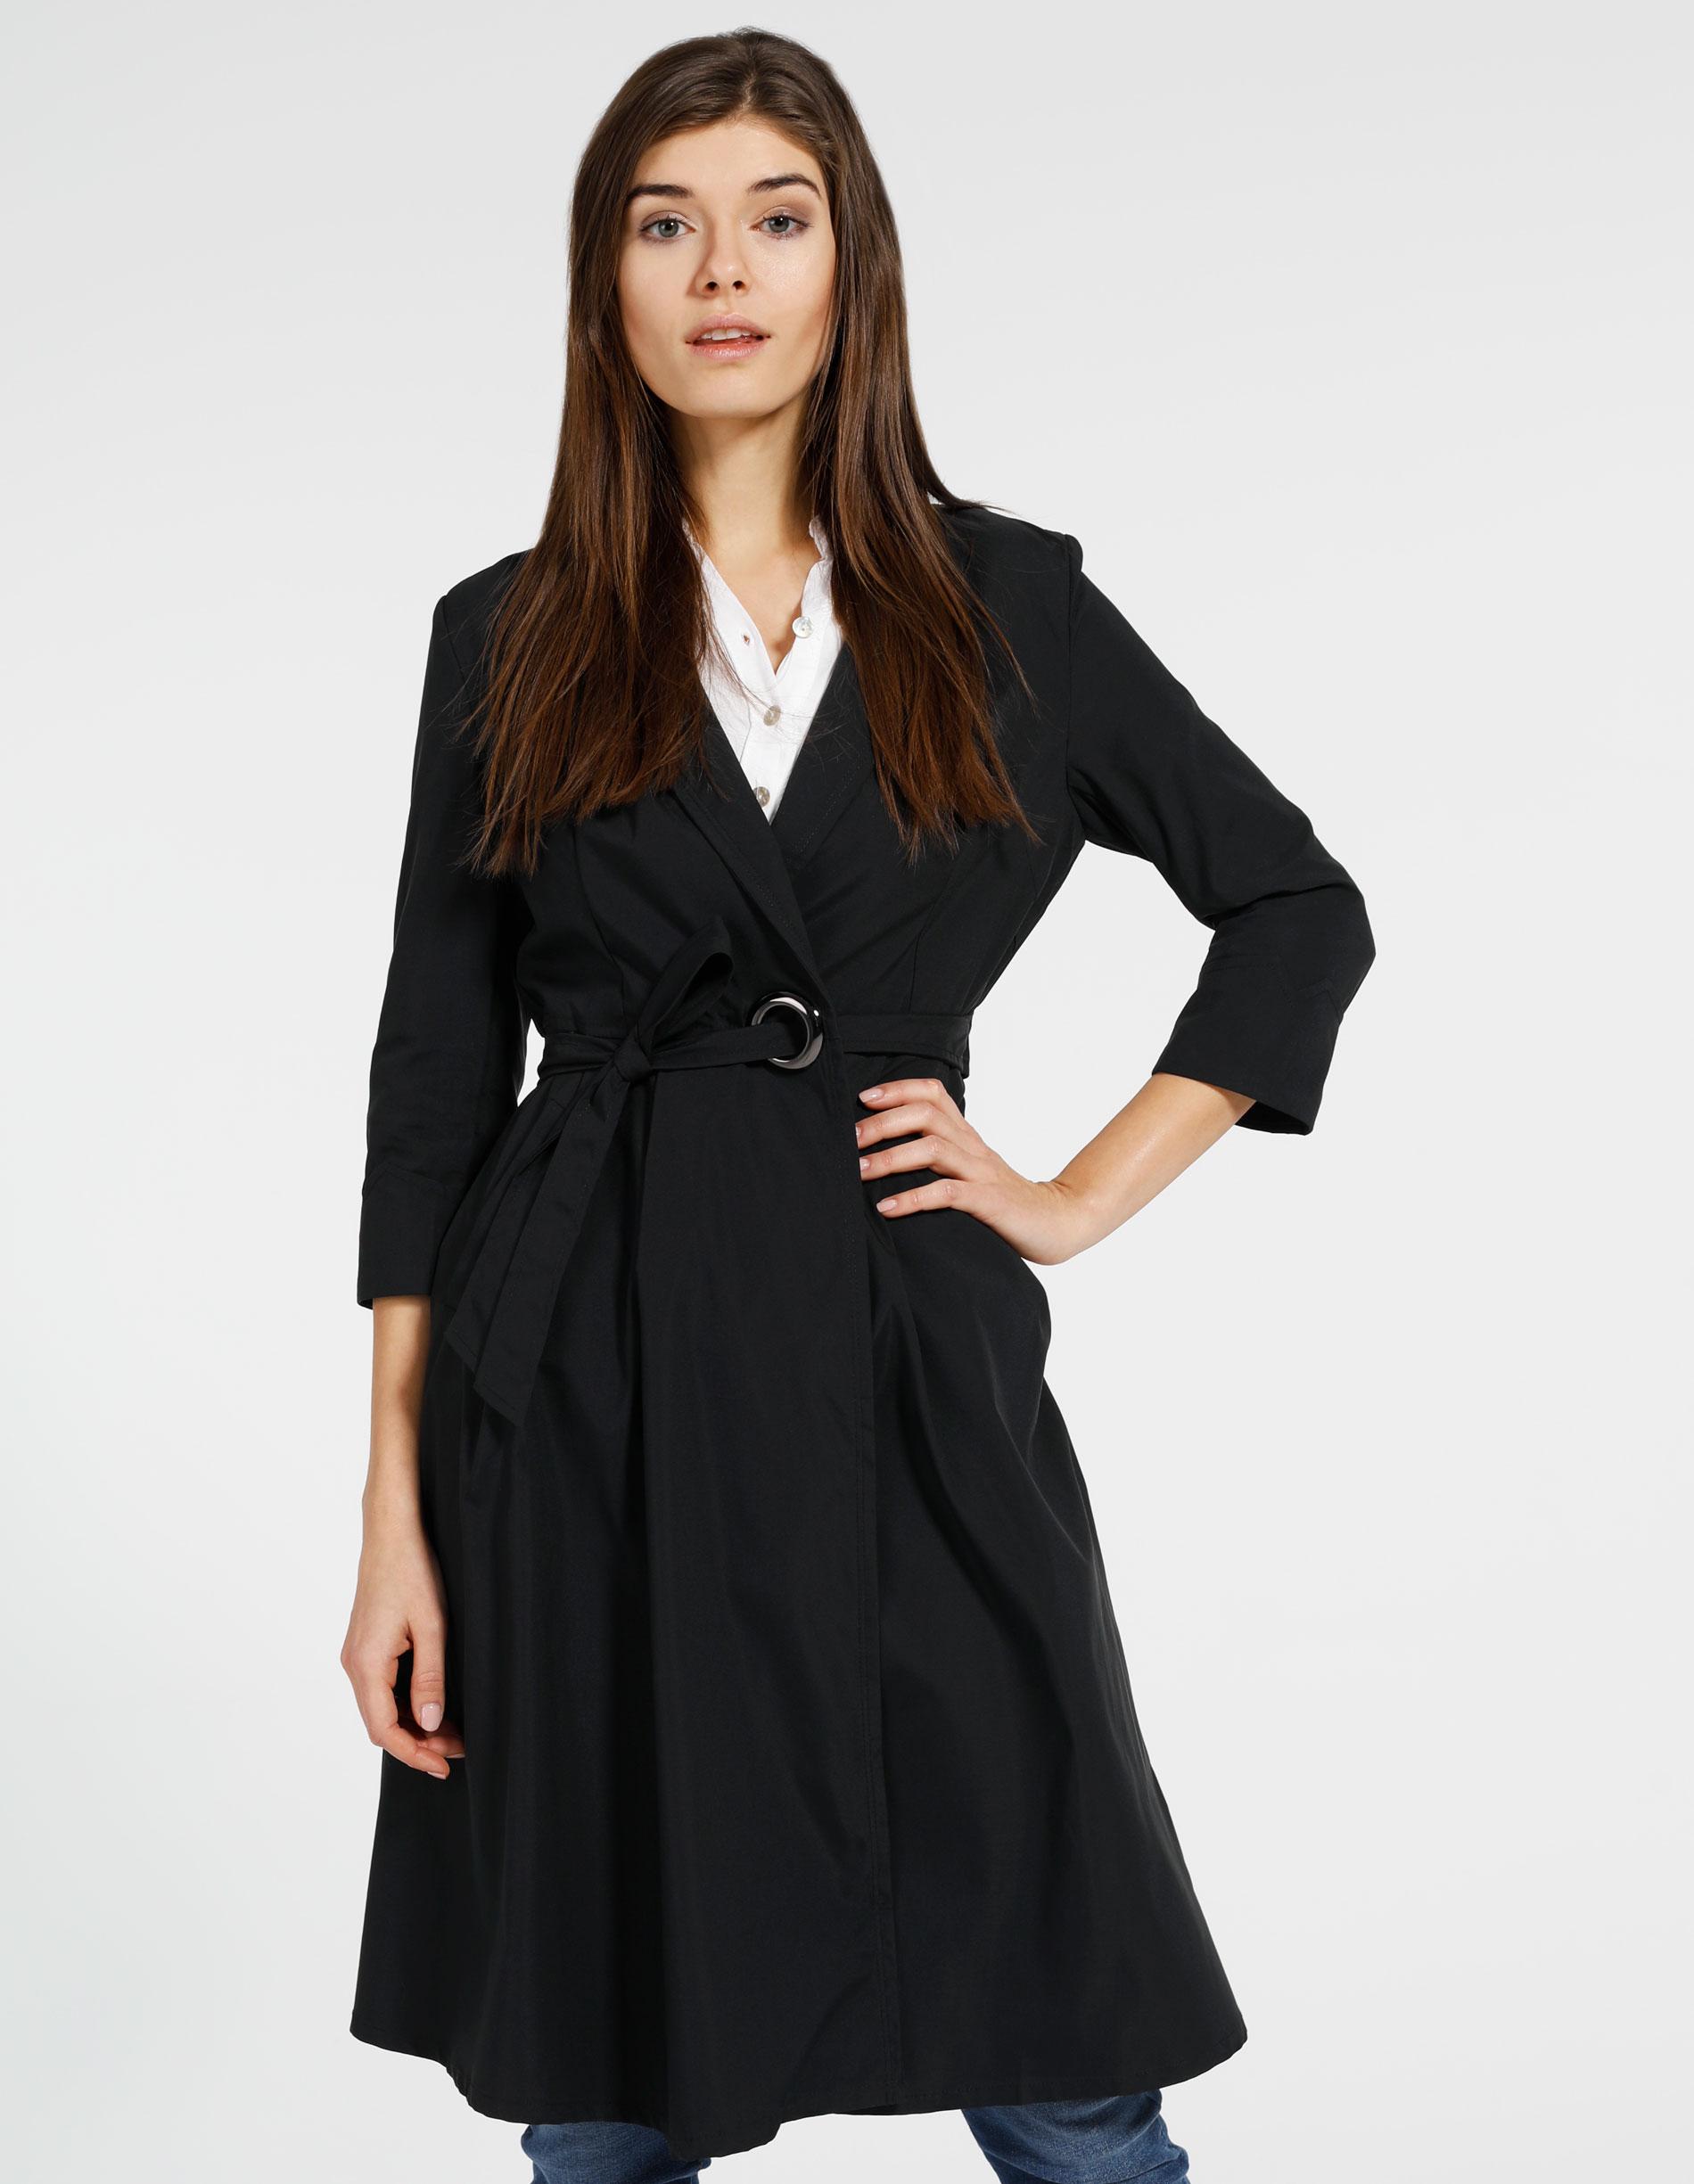 Płaszcz materiałowy - 134-2905 NERO - Unisono